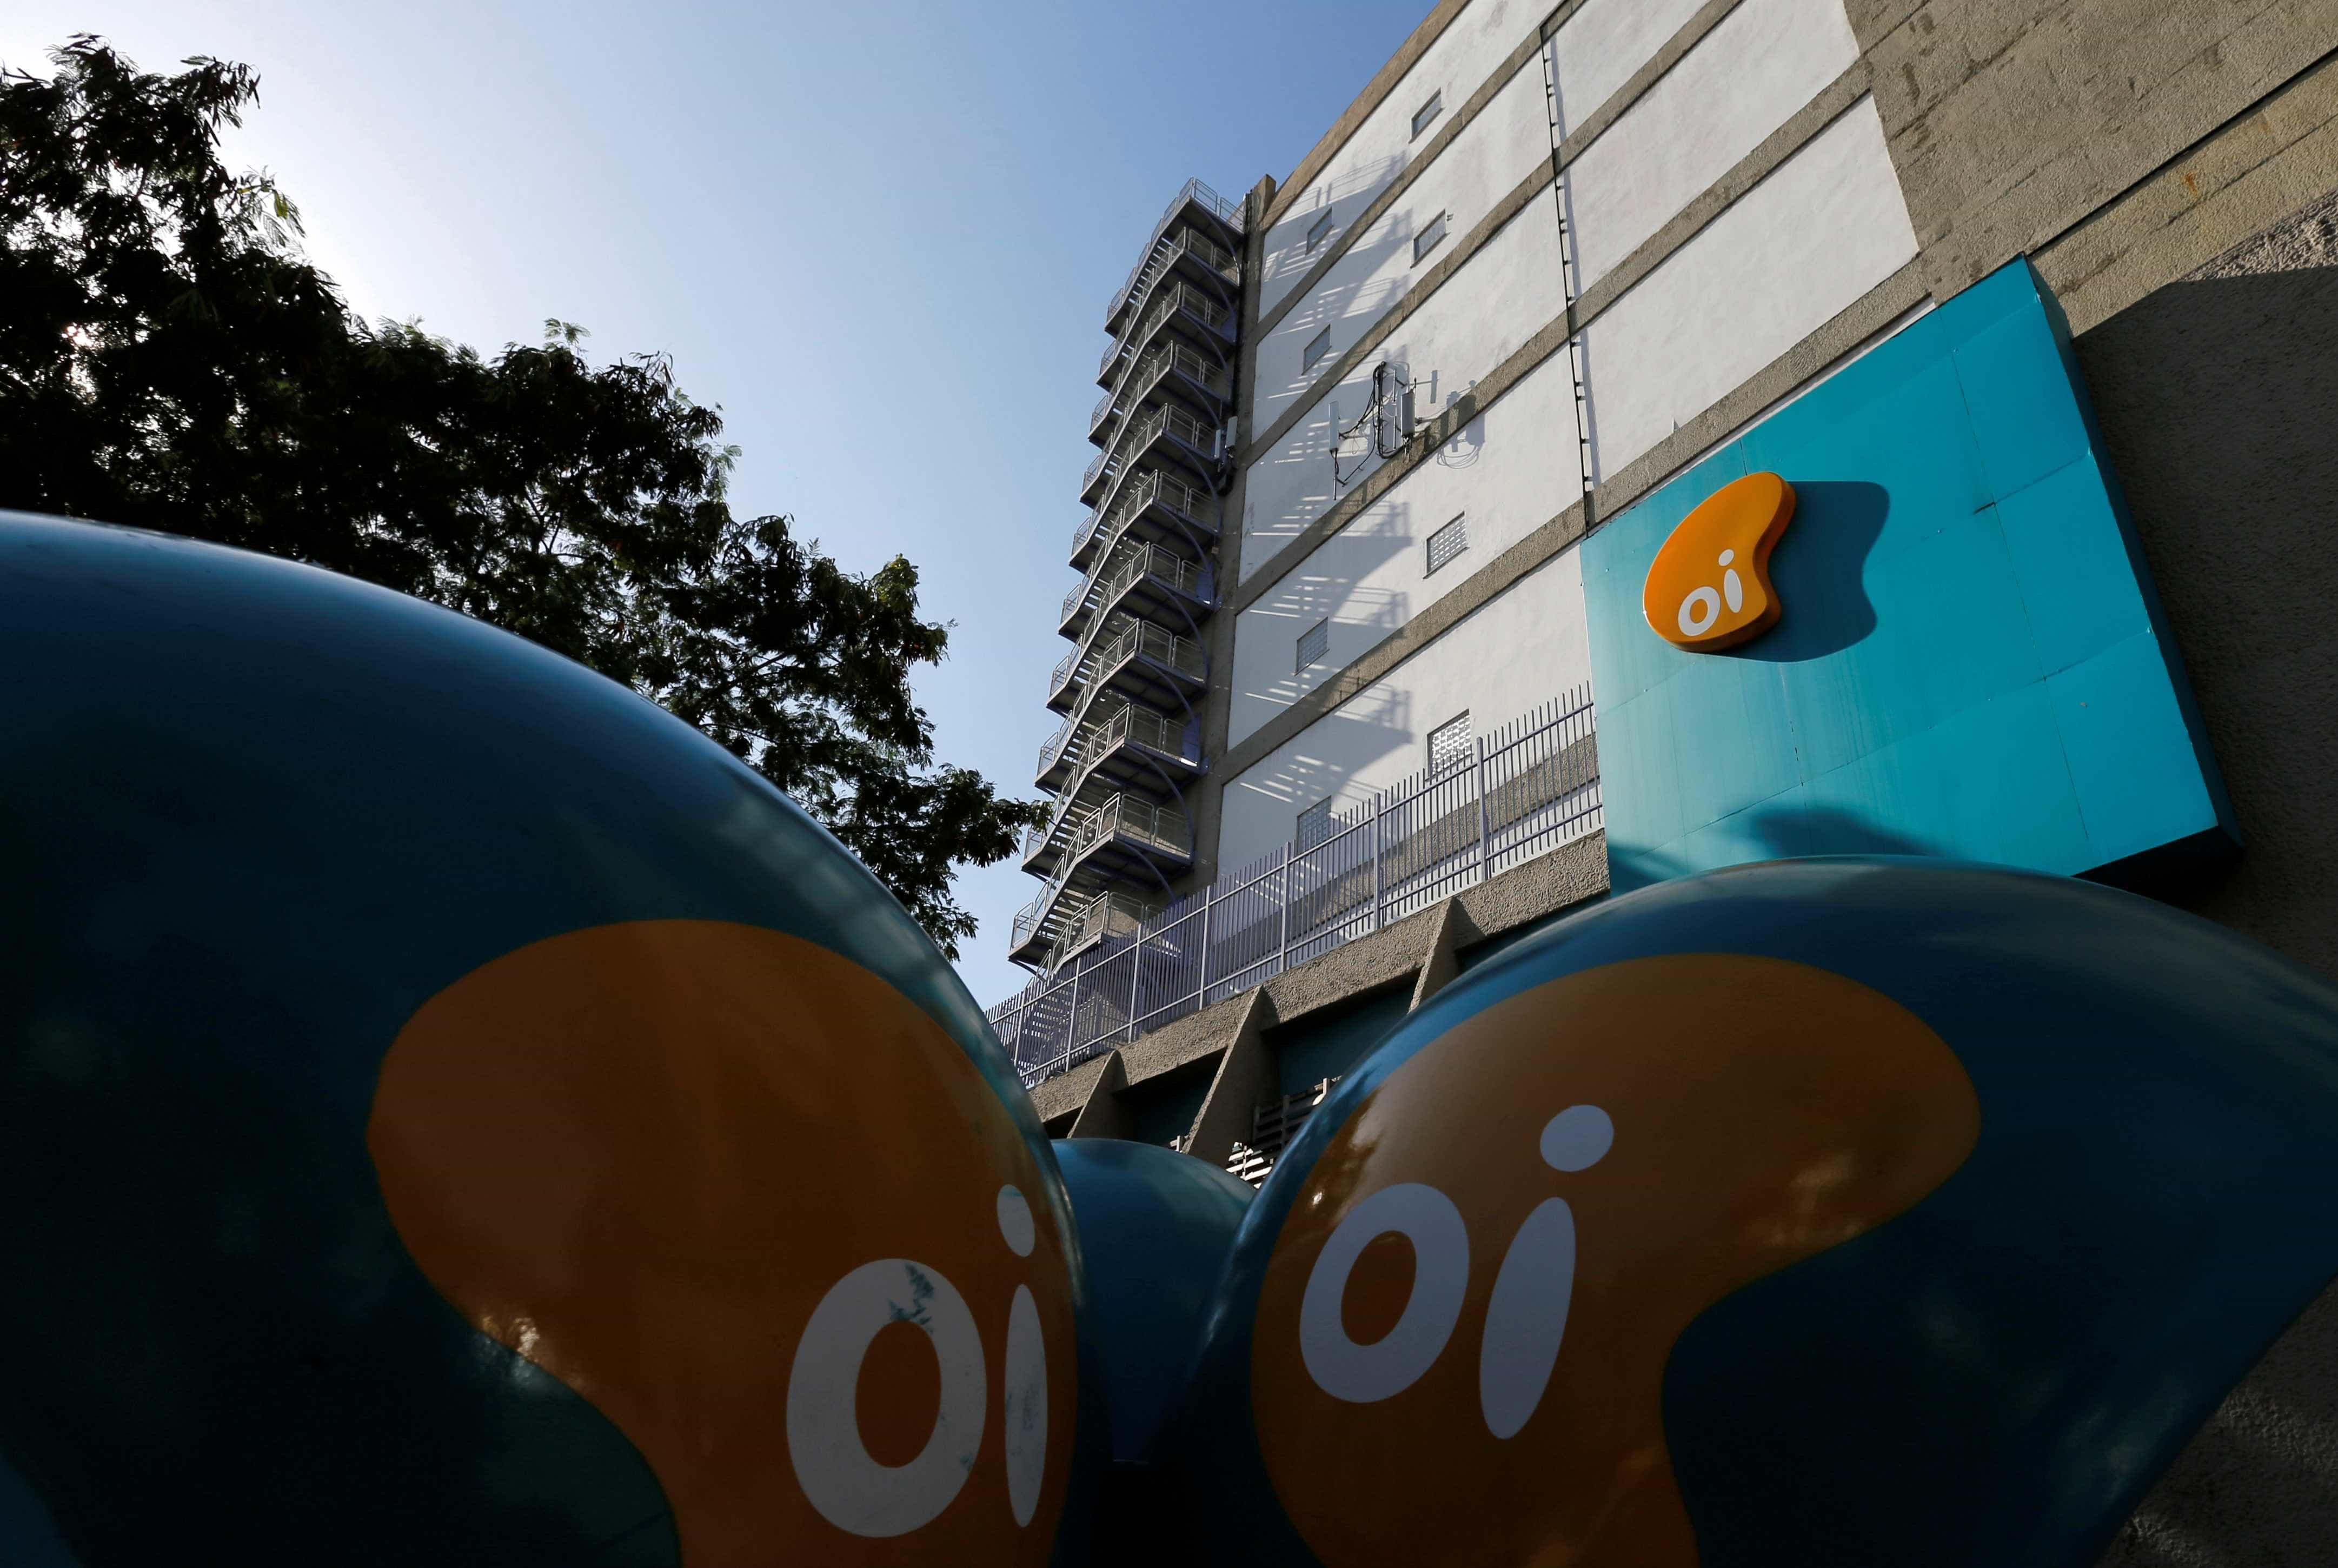 Decisão arbitral suspende aumento de capital da Oi a pedido da Pharol